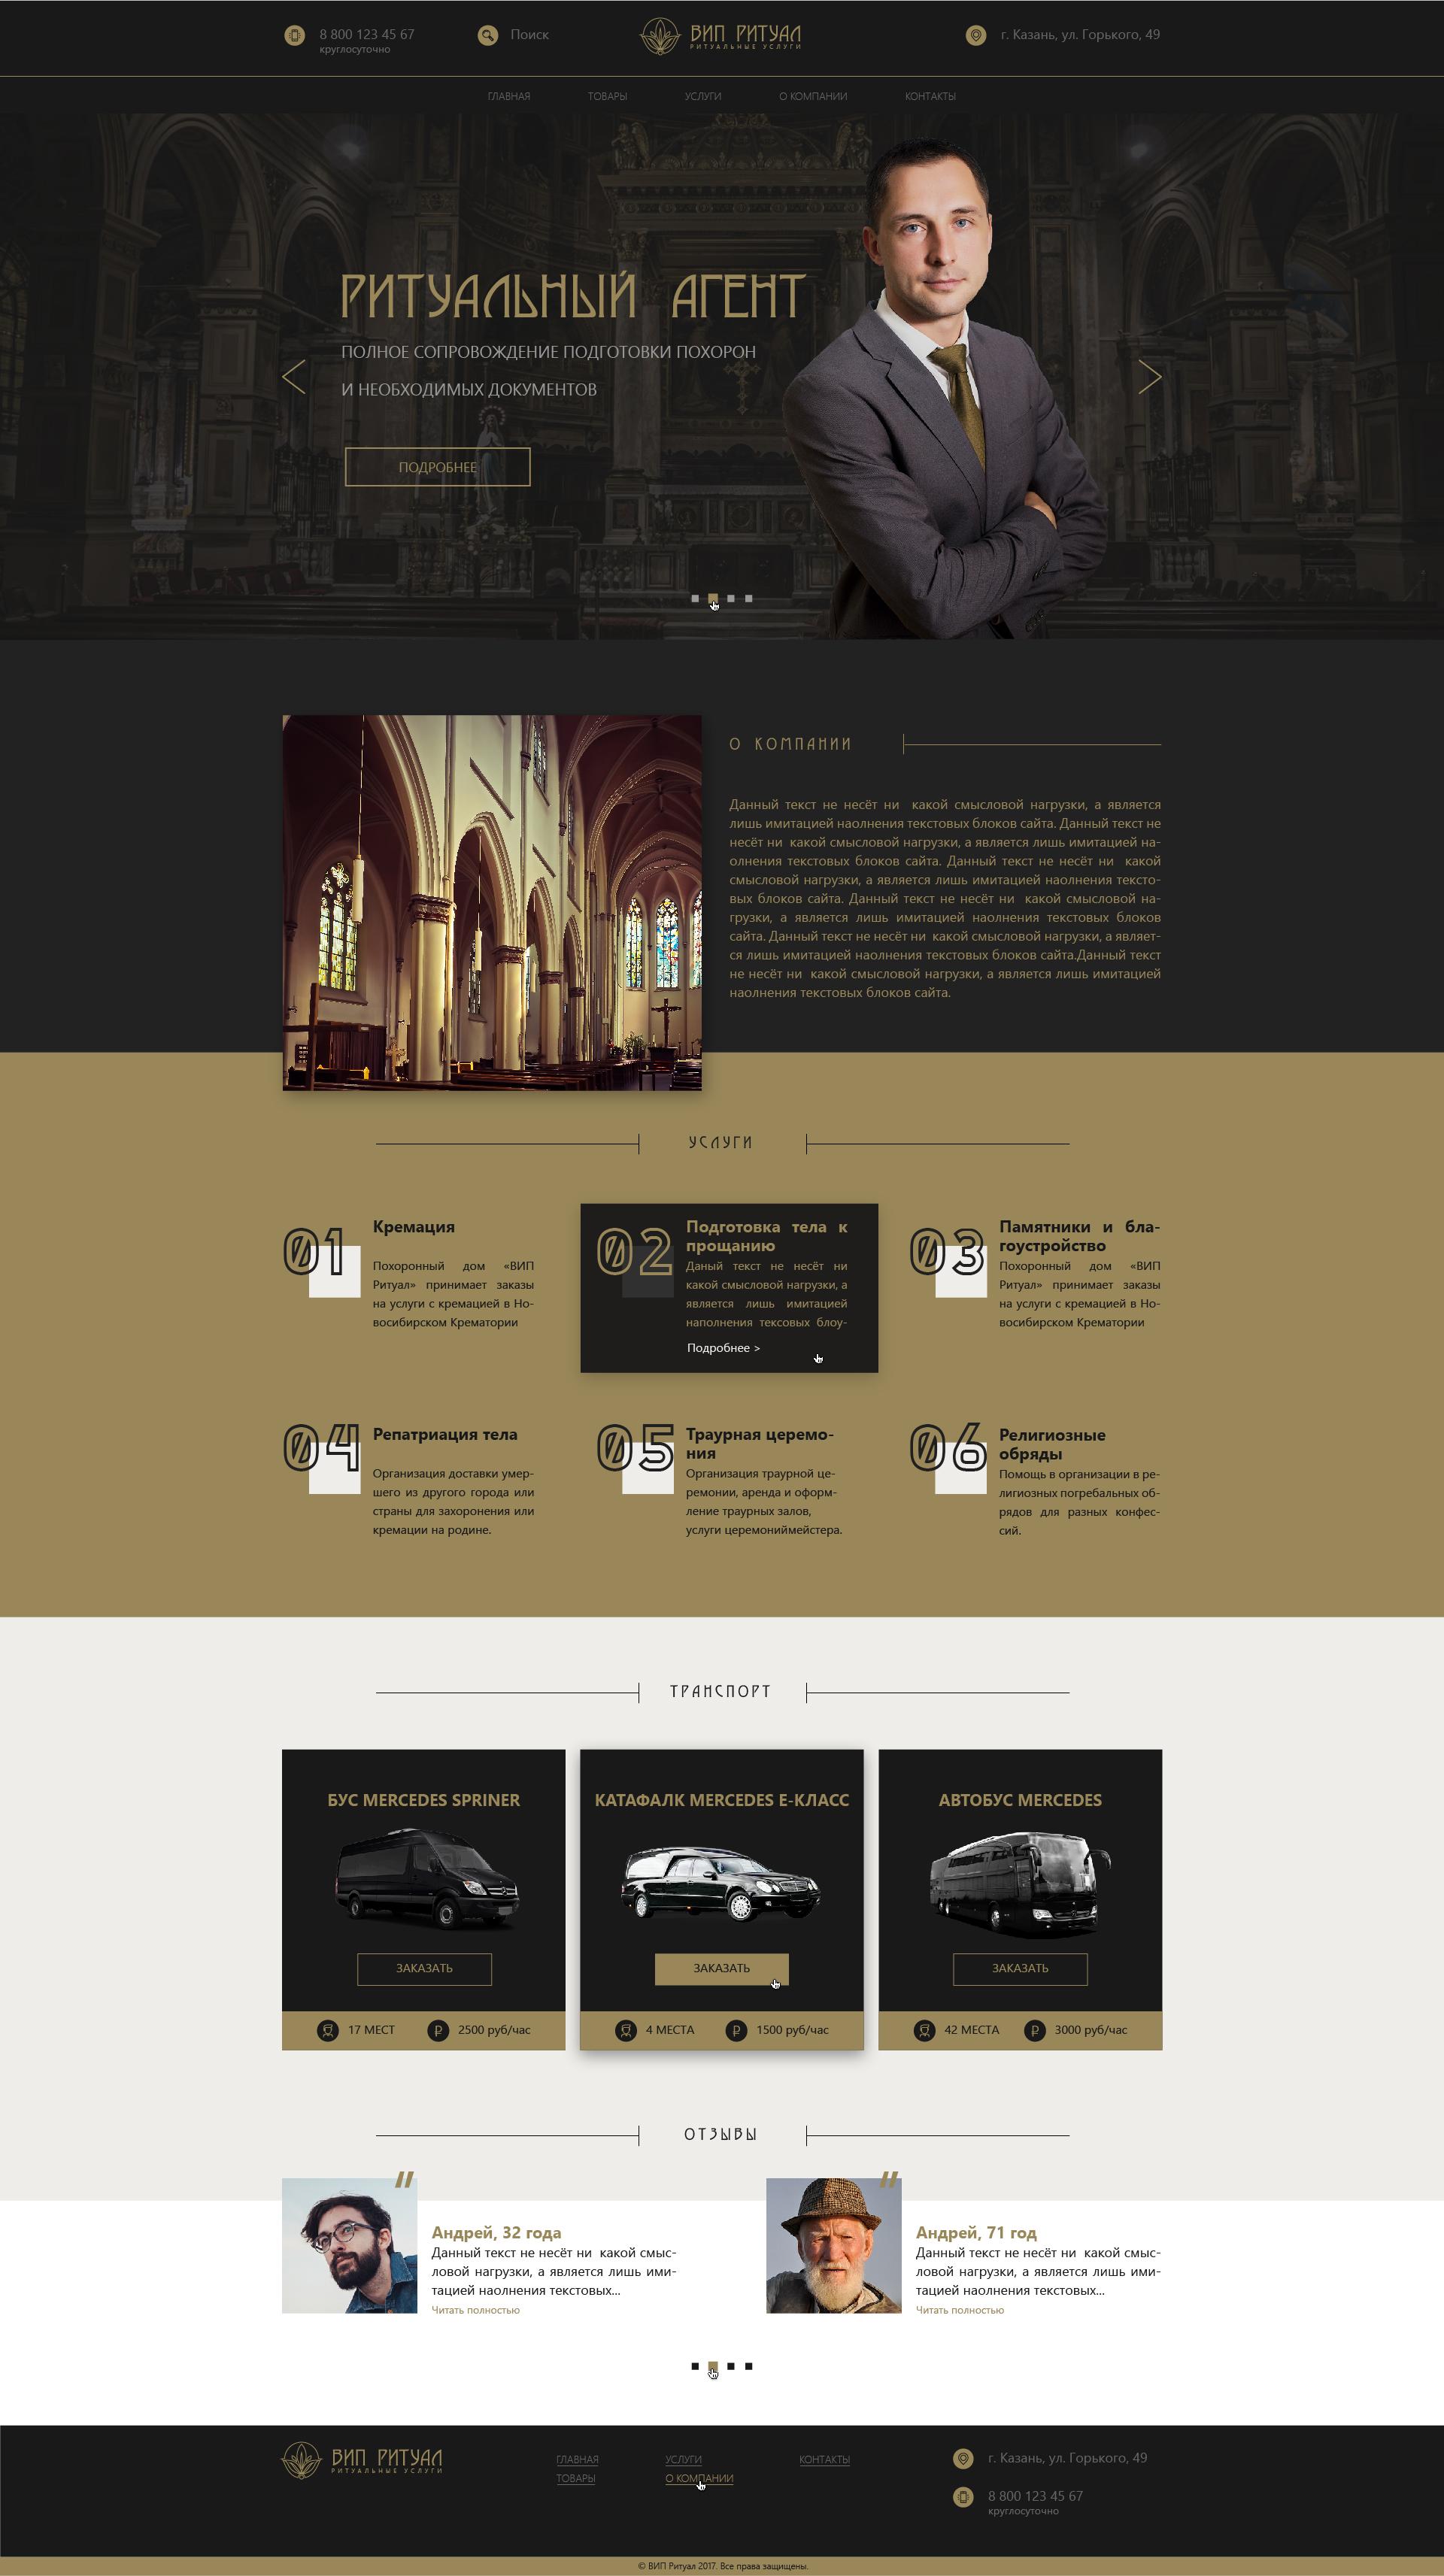 Нарисовать 2 дизайна сайтов направления ритуальных услуг  фото f_014596d30db5bf26.jpg